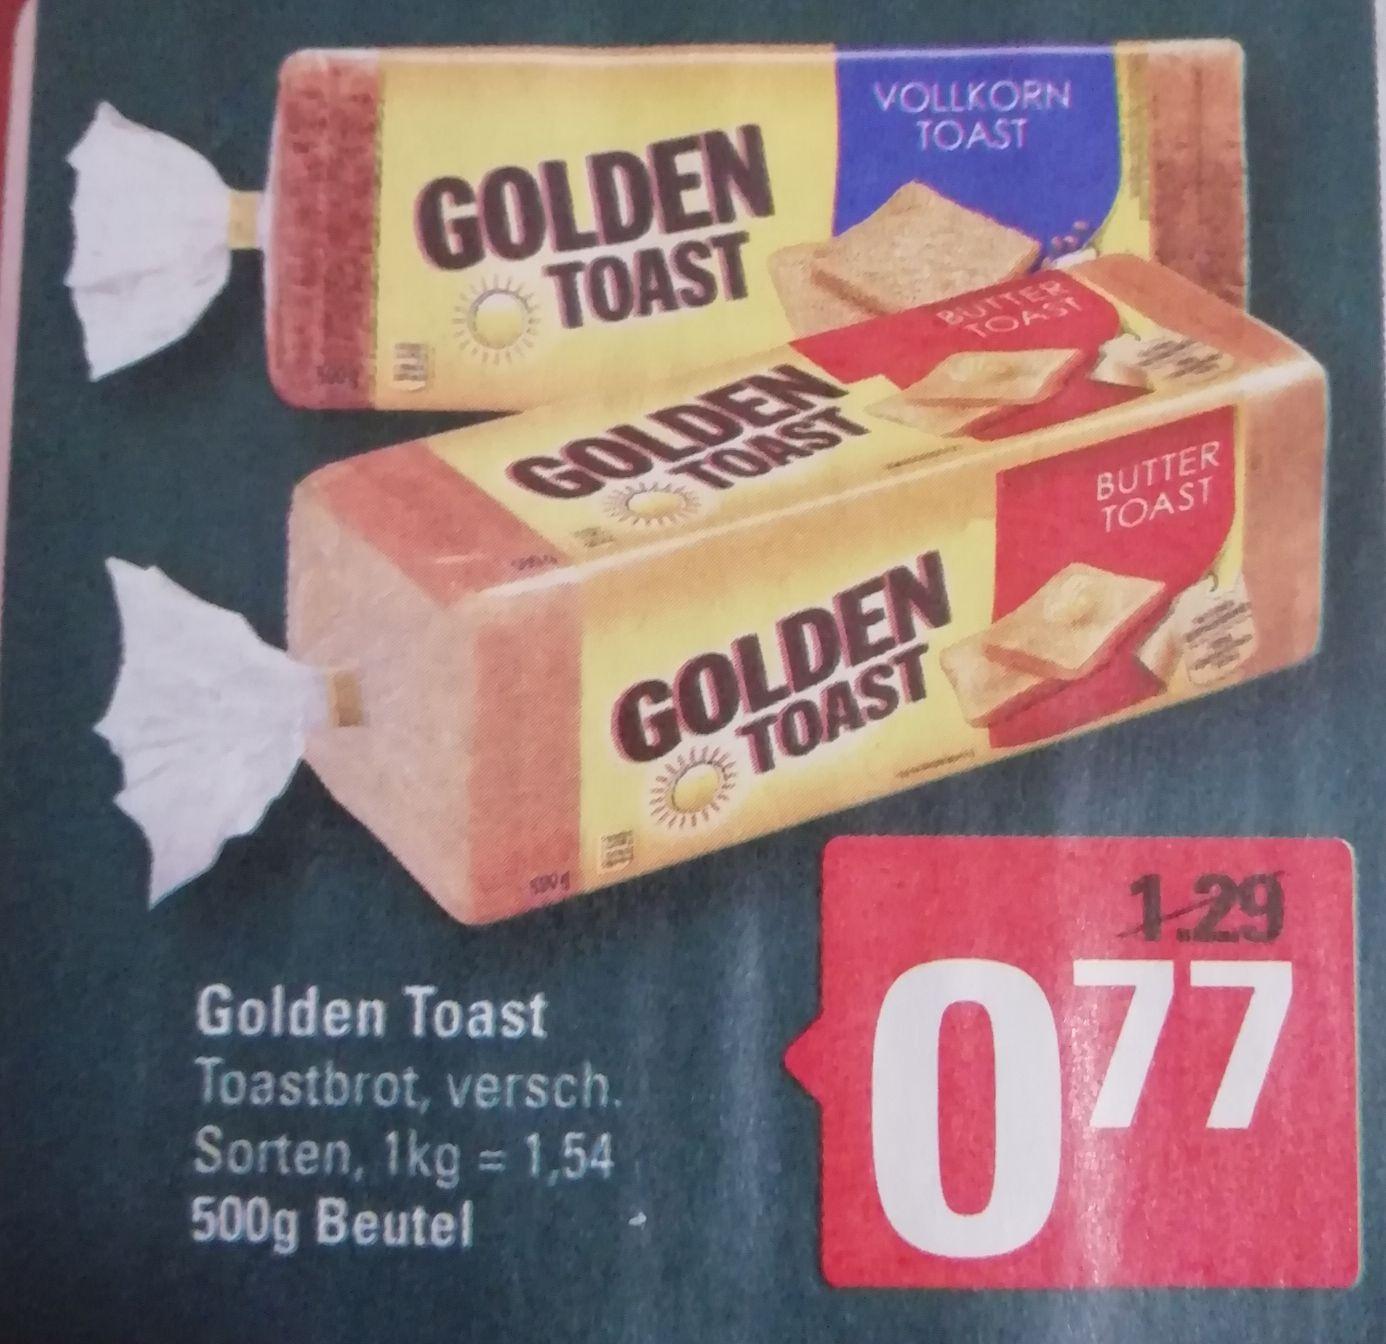 [Marktkauf/Edeka Minden-Hannover] Golden Toast für 0,77€ (0,37€ möglich)